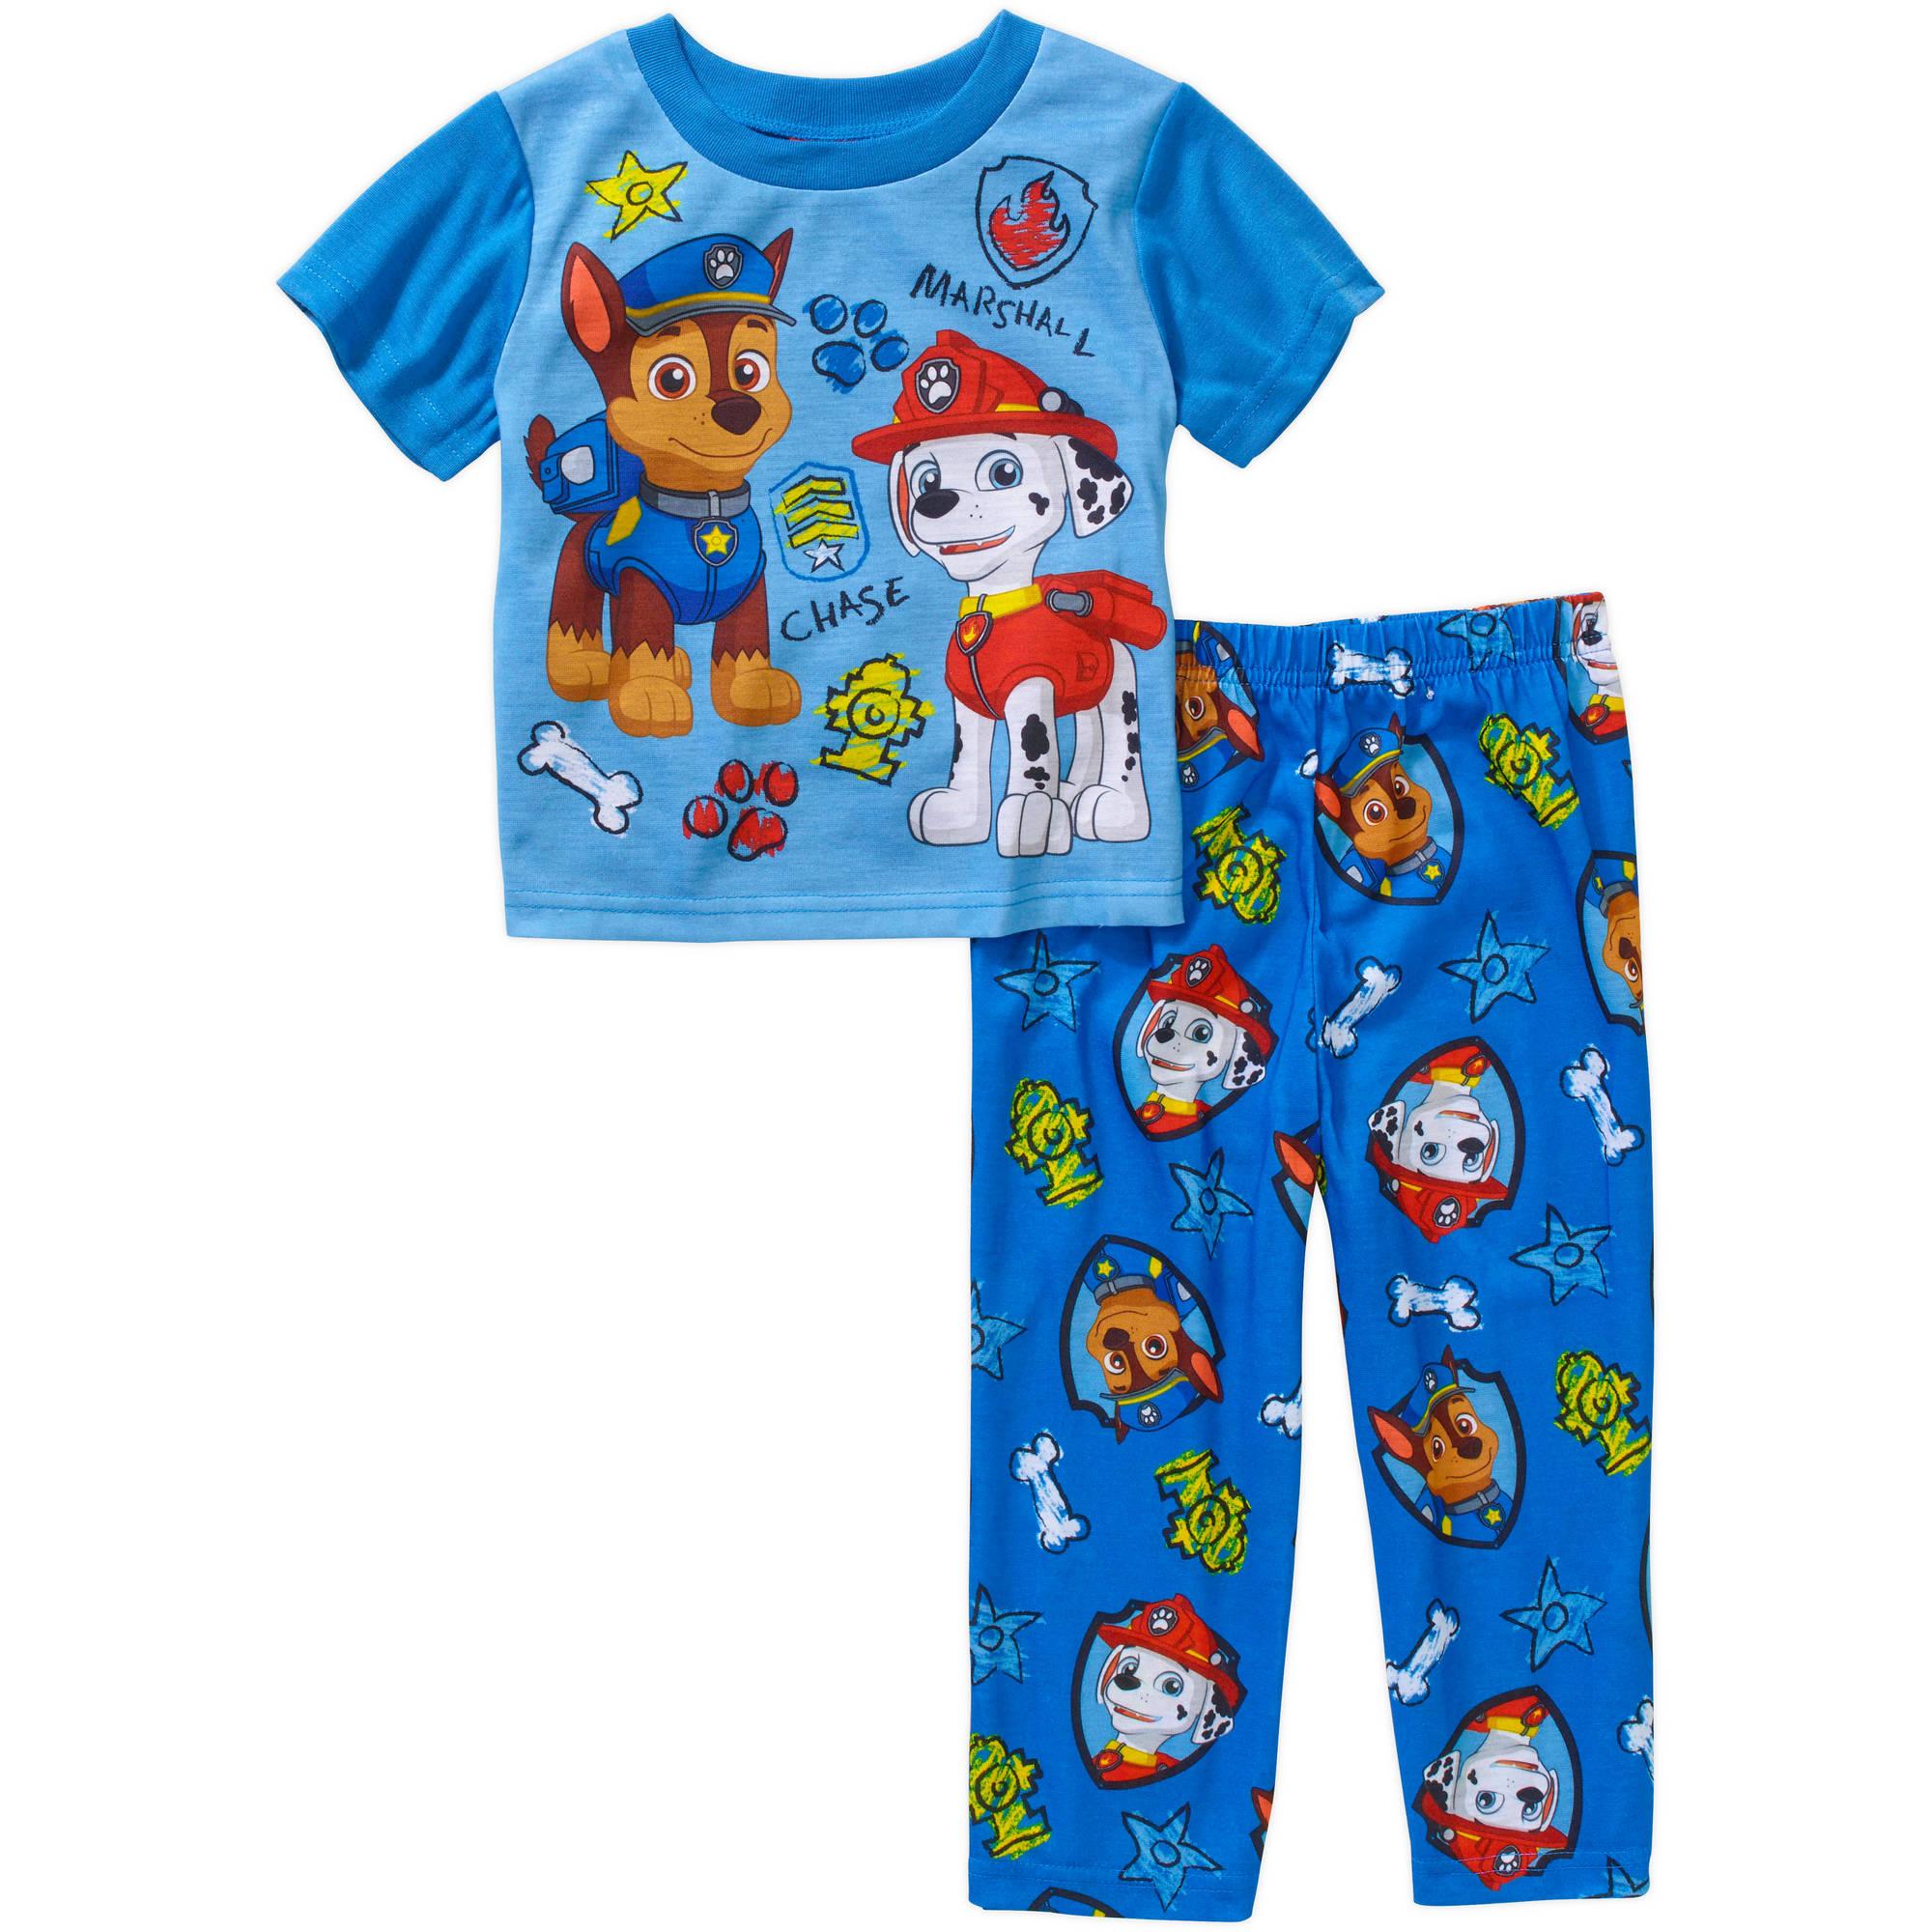 Paw Patrol Toddler Boy Short Sleeve Pajama Sleepwear Set